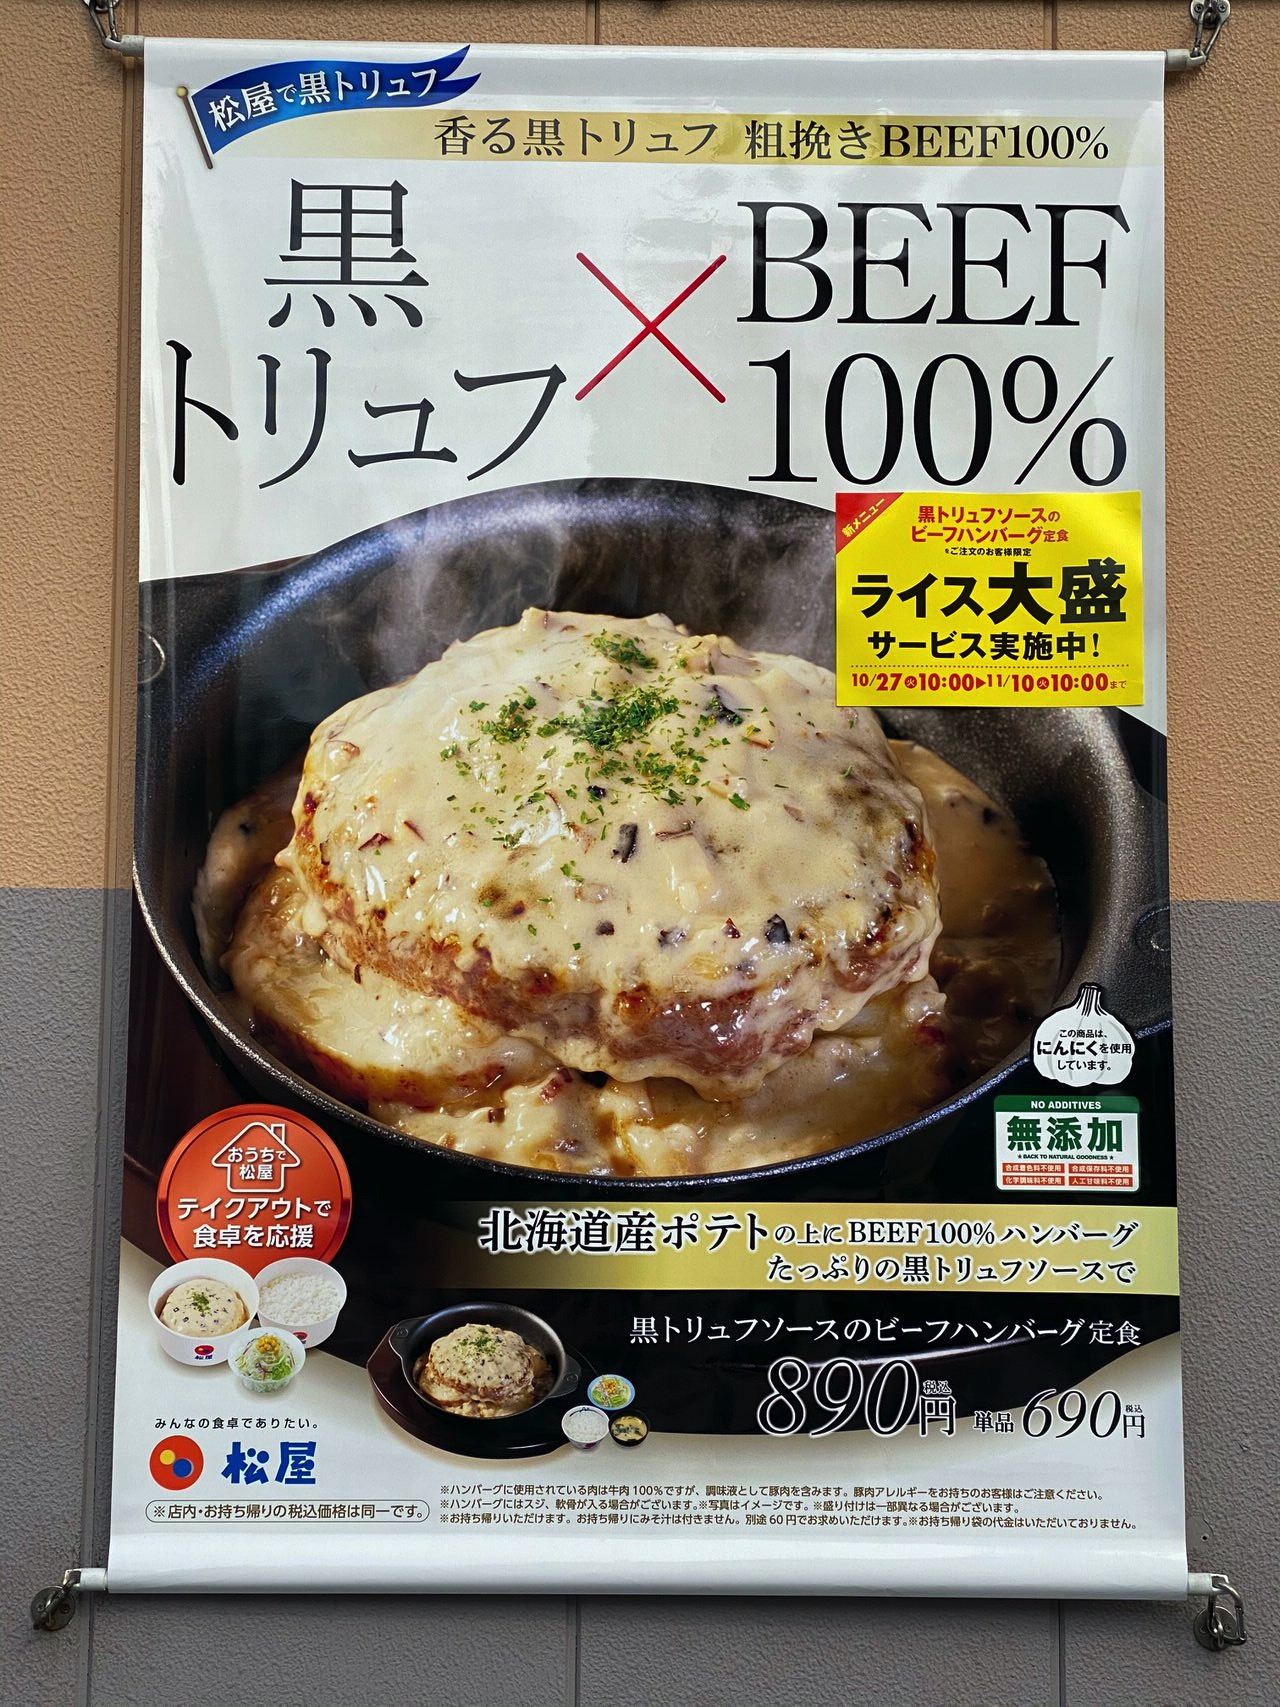 【松屋】「黒トリュフソースのビーフハンバーグ定食」1